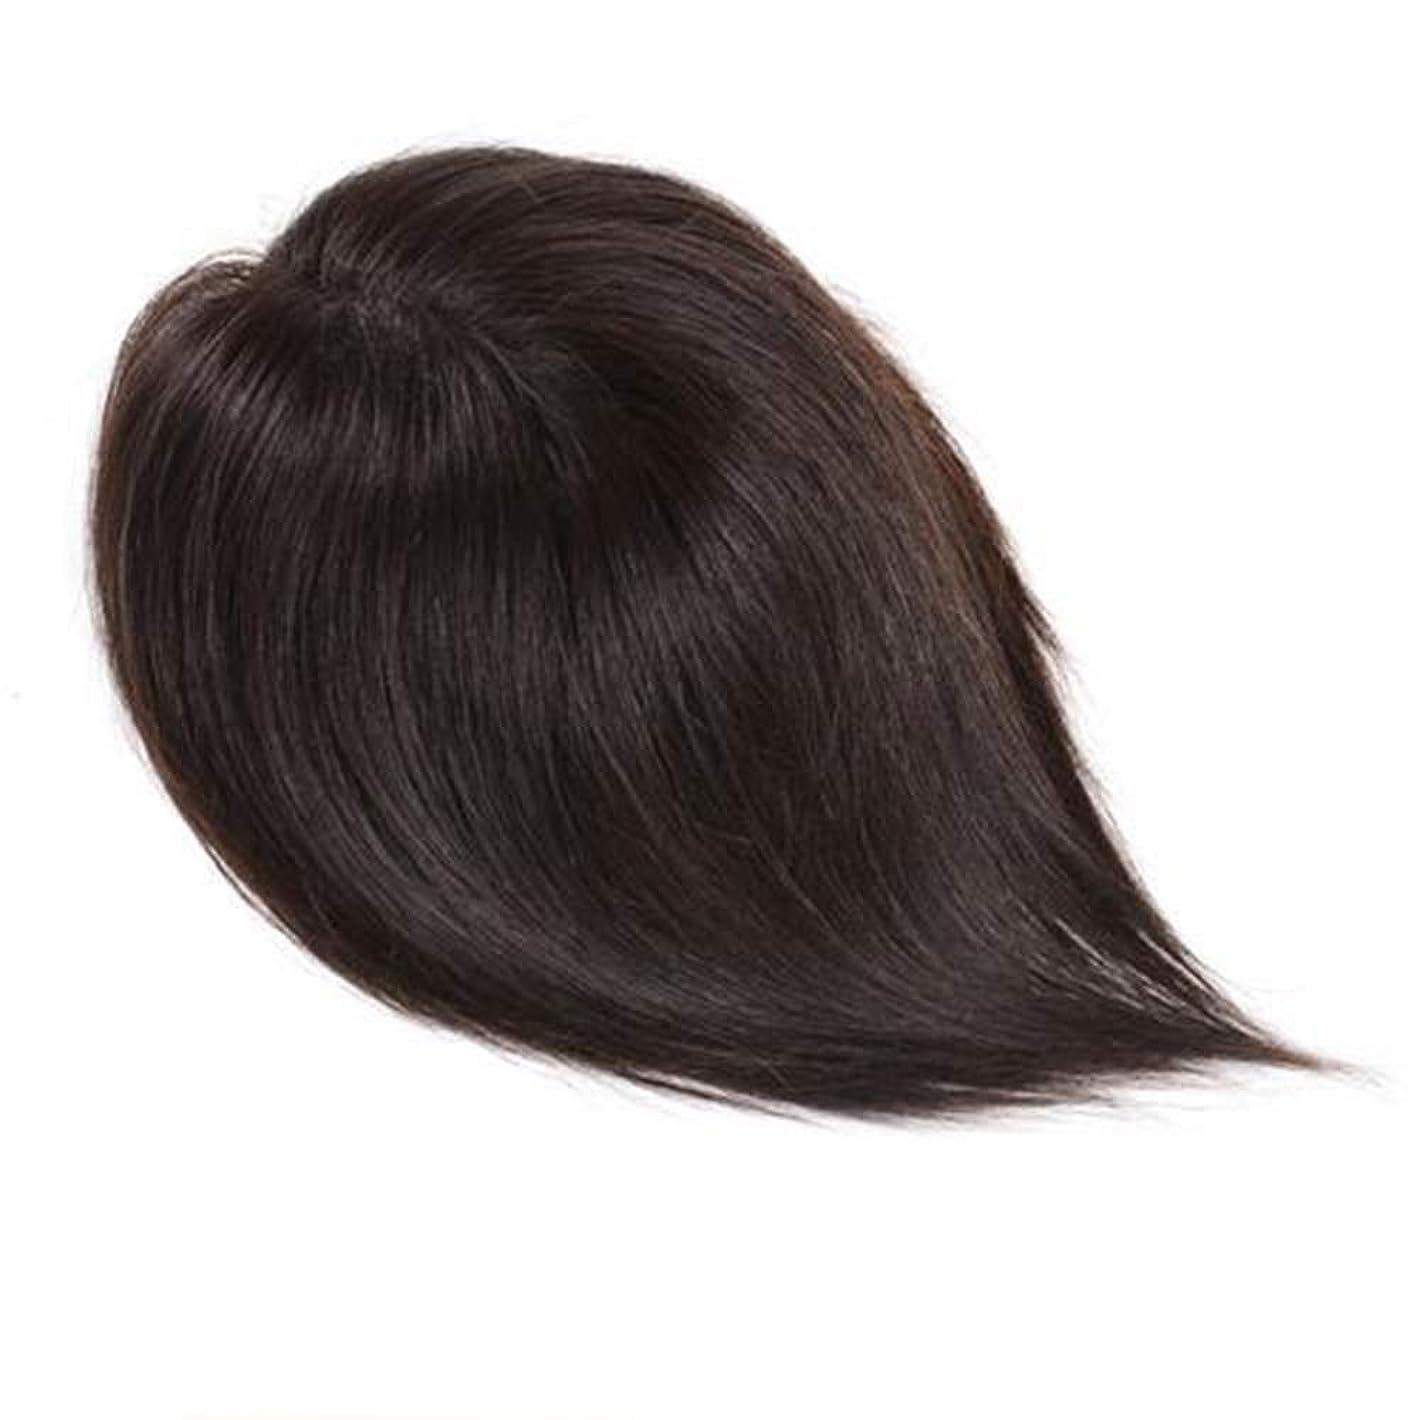 効能あるに同意するアルファベット順BOBIDYEE 女性のロングストレートヘアハンドウィッグ自然に見える女性のヘアシステム (色 : Natural color, サイズ : 25cm)